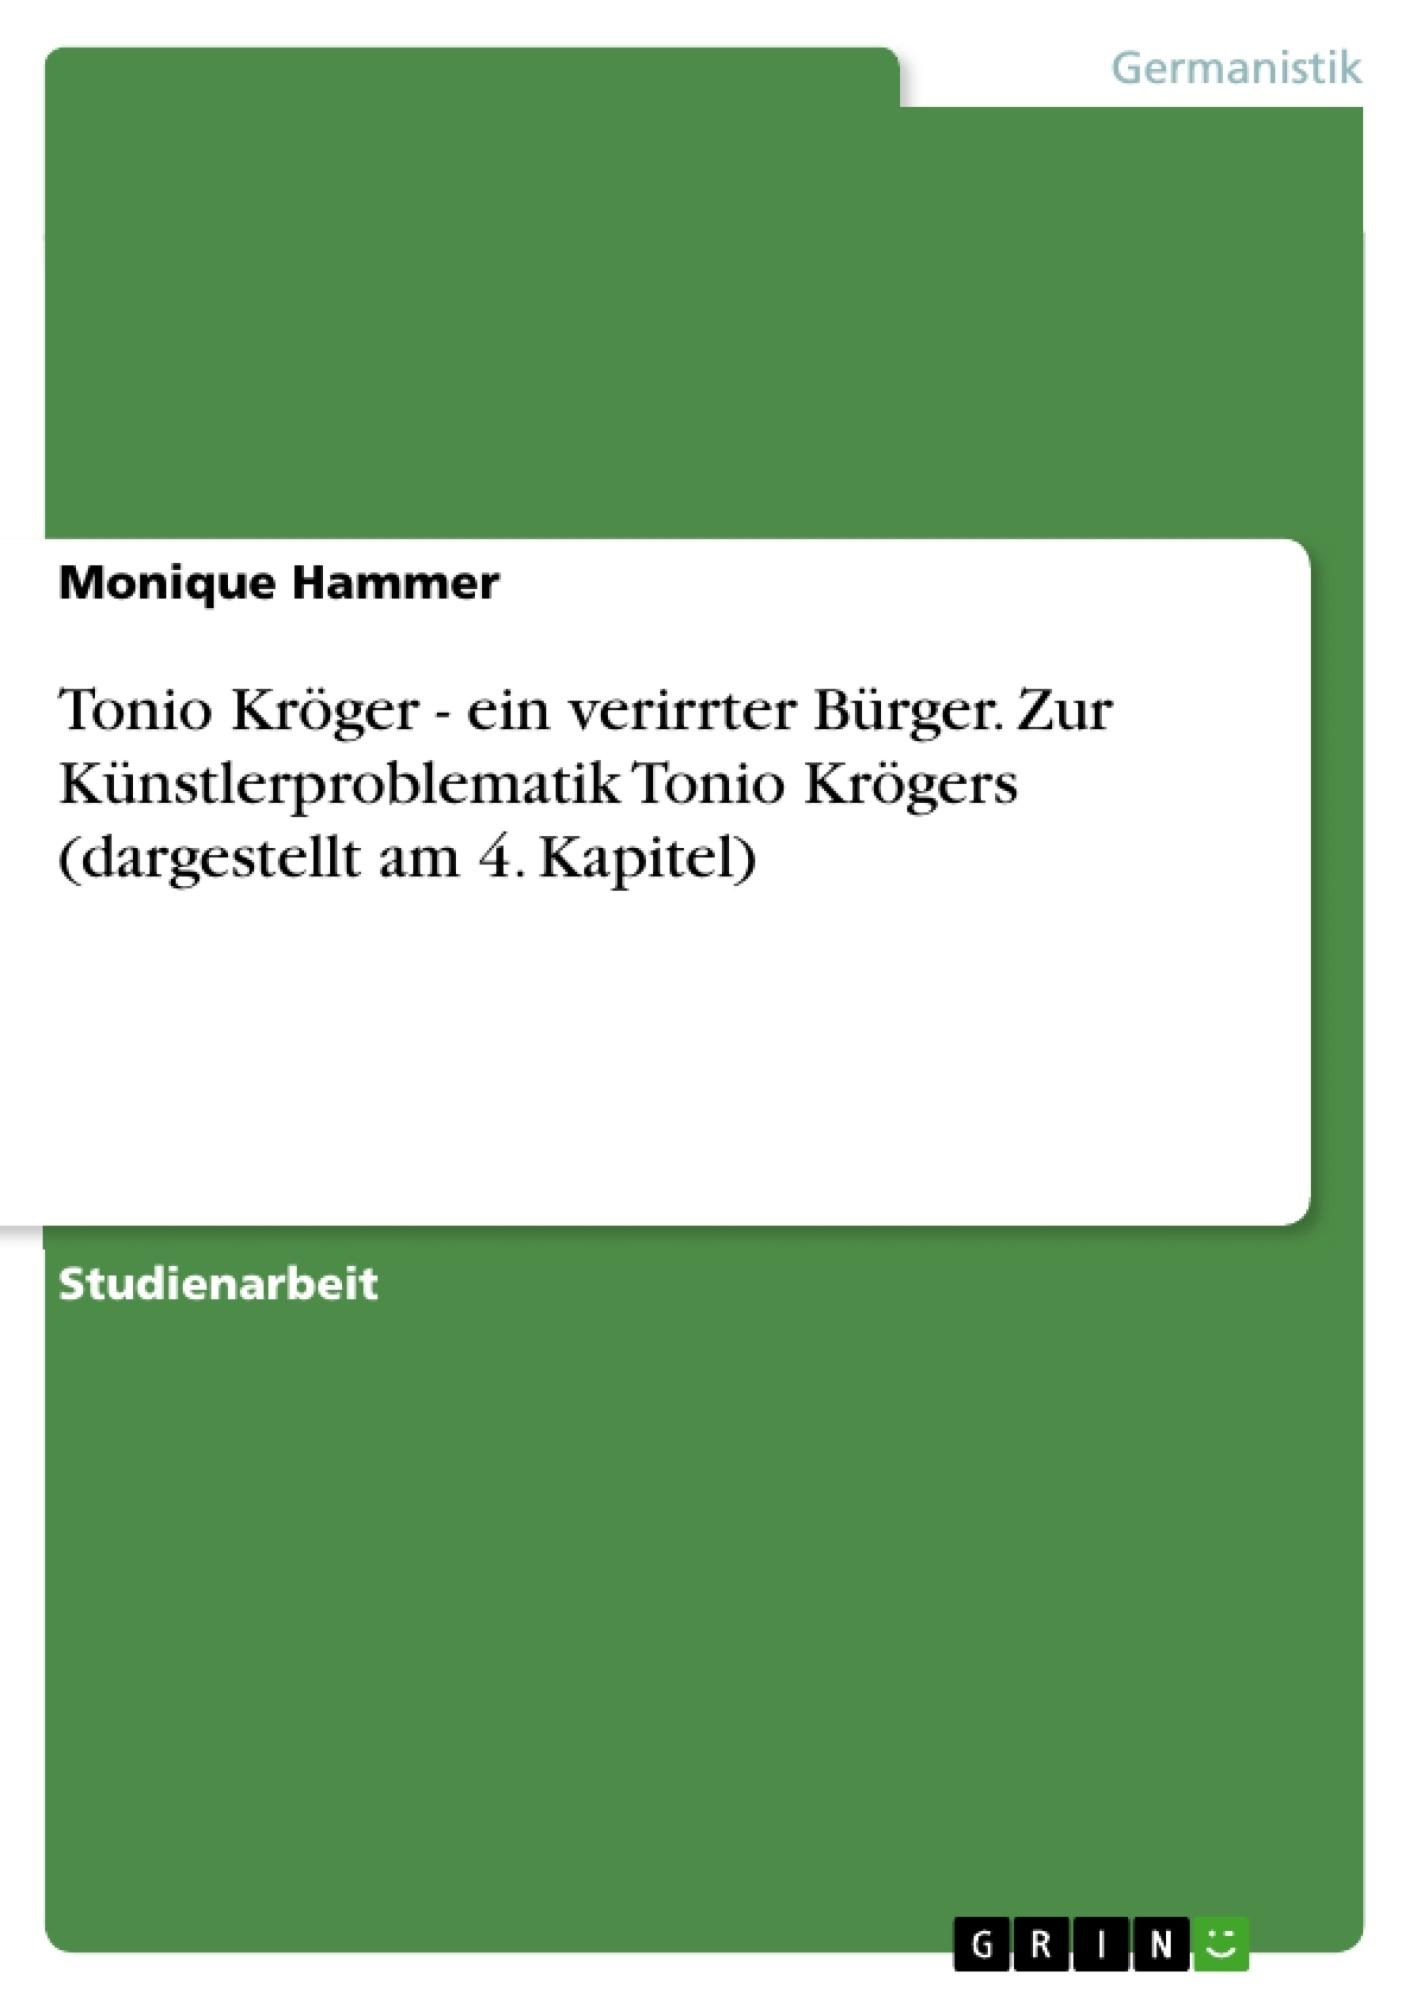 Titel: Tonio Kröger - ein verirrter Bürger. Zur Künstlerproblematik Tonio Krögers (dargestellt am 4. Kapitel)